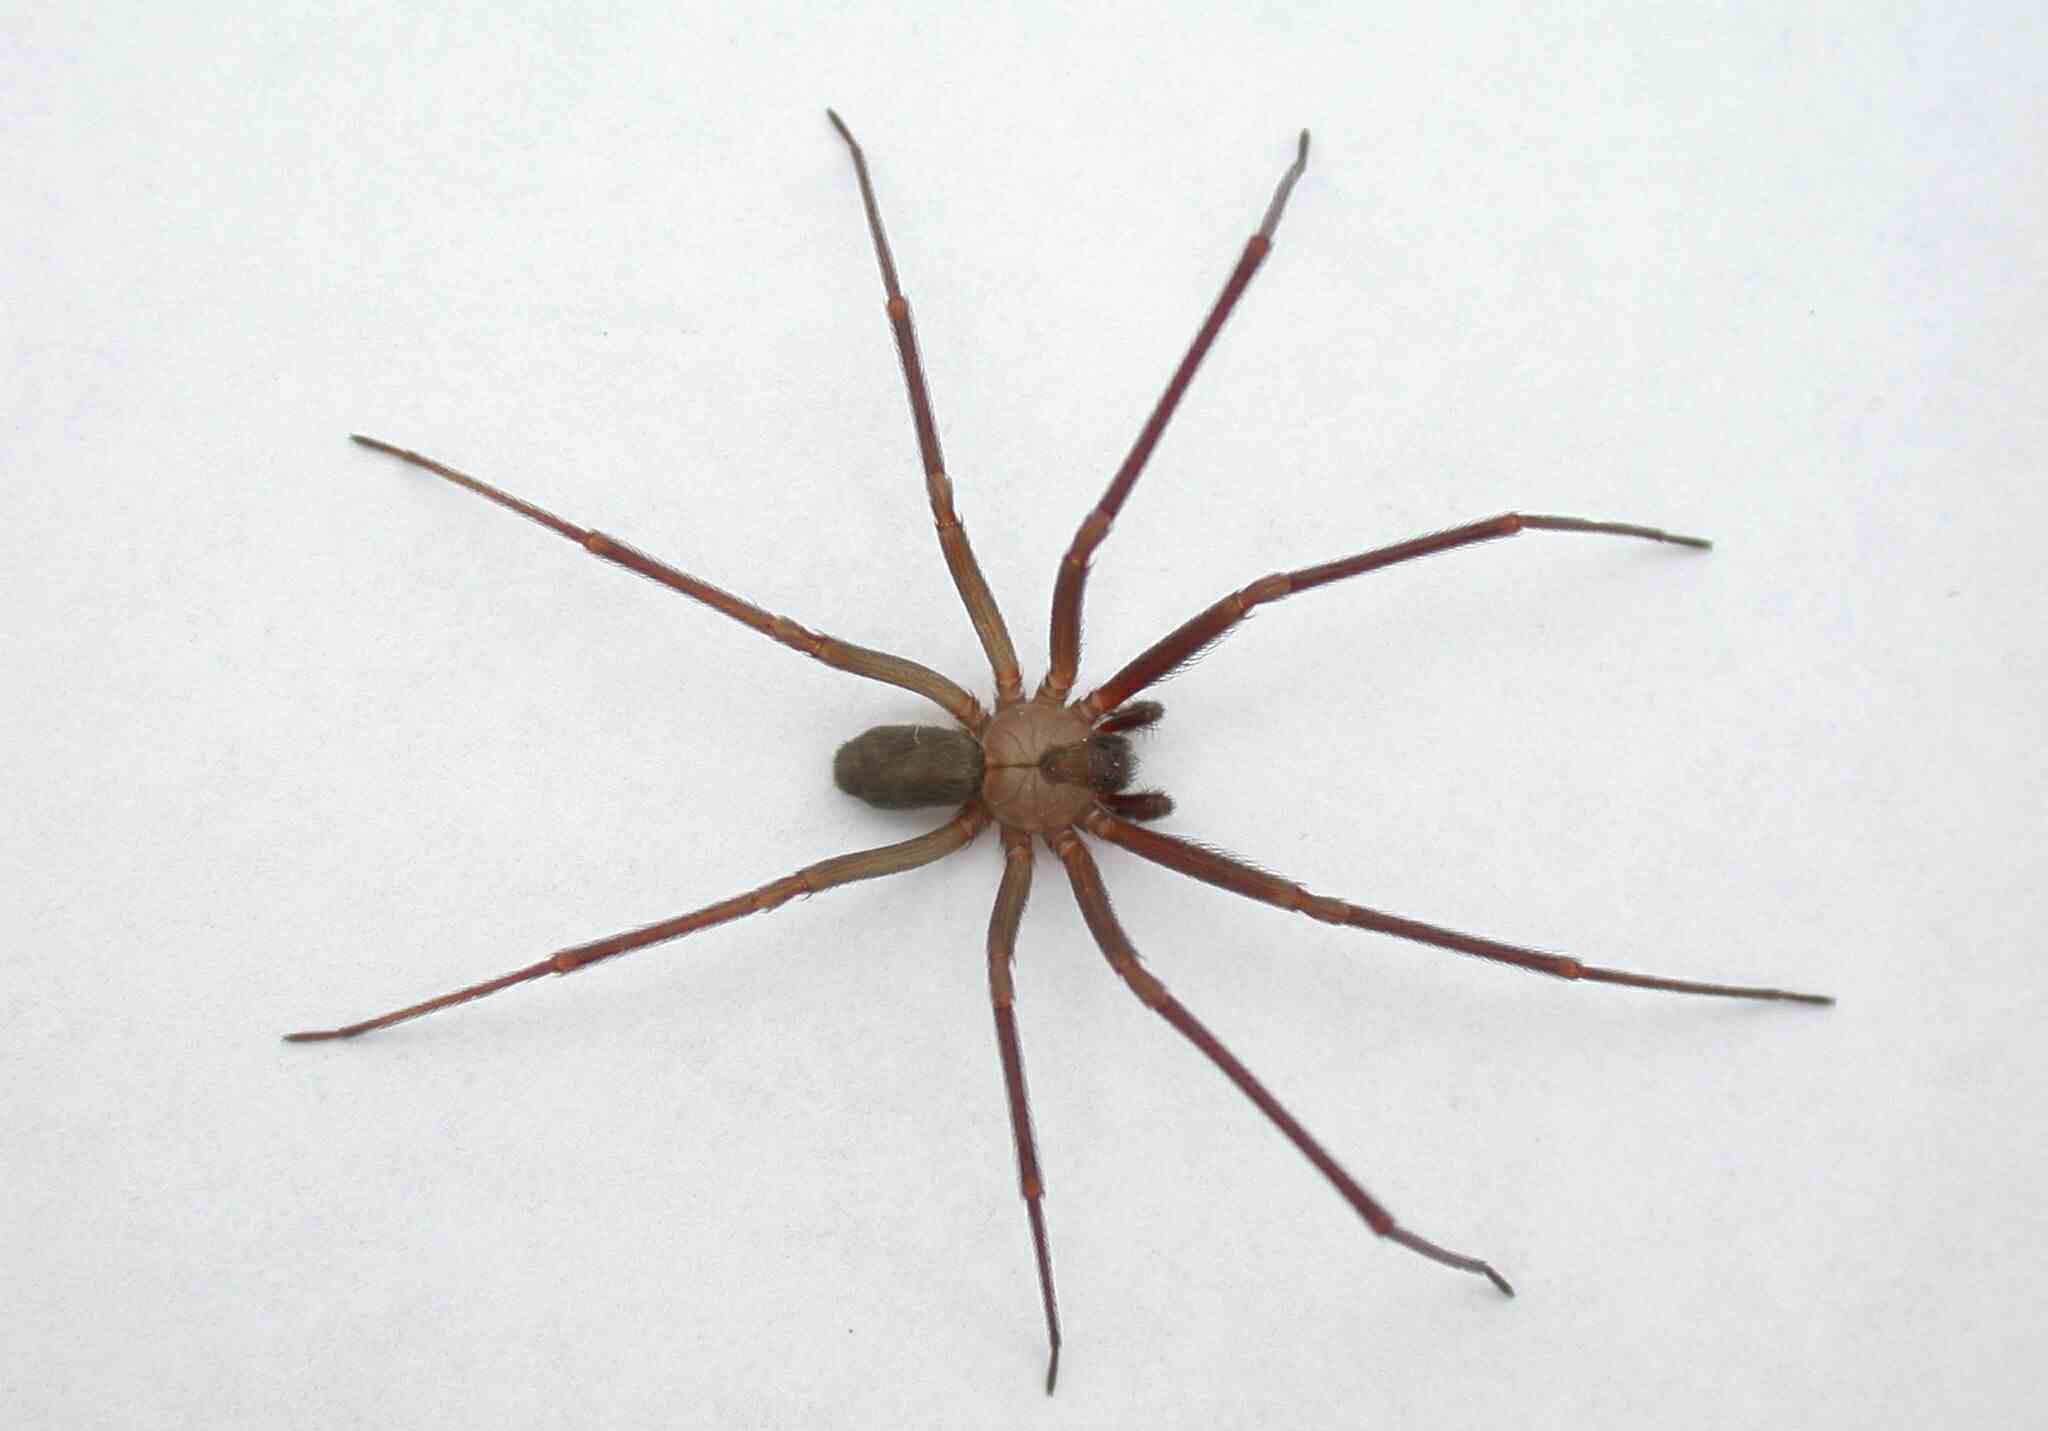 【グロ画像】毒蜘蛛に噛まれて放置してたら・・・10日目に噛まれた個所が壊死した ※閲覧注意